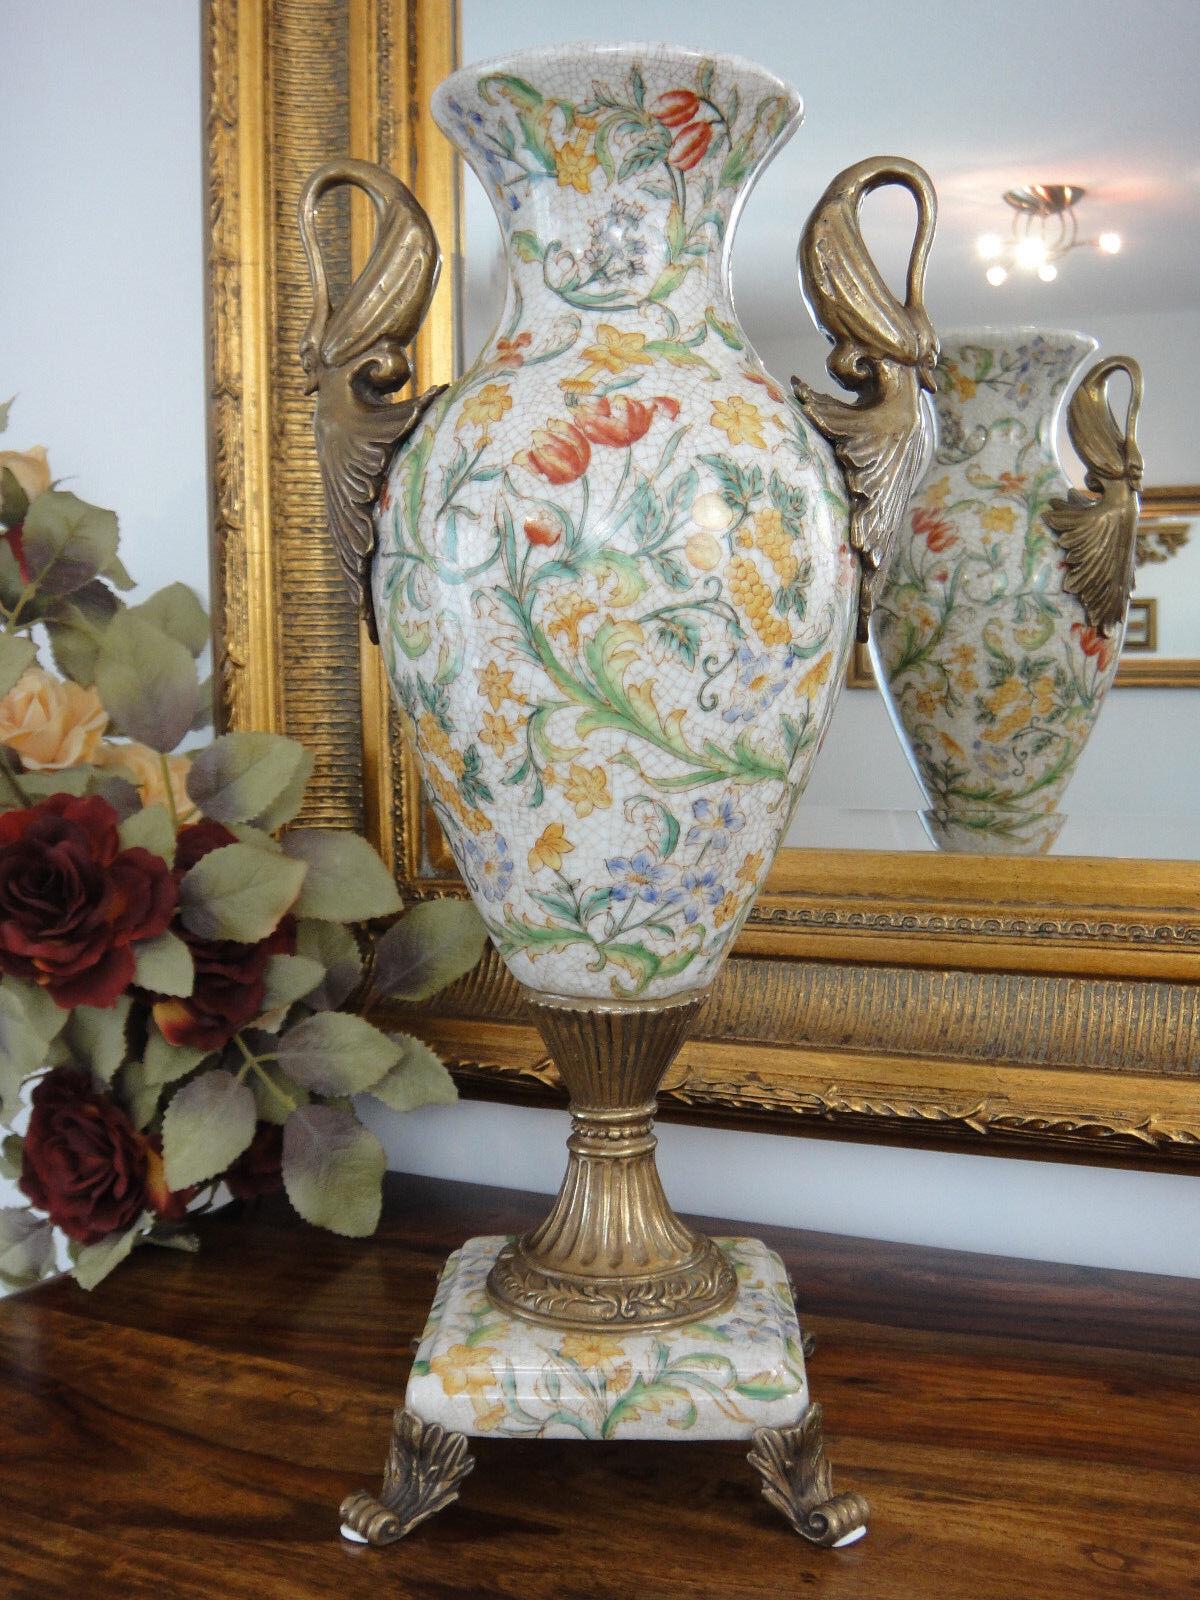 Luxus Prunkvase Porzellan Bronze Jugendstil Blaumenvase Antik Vase Pokal Amphore